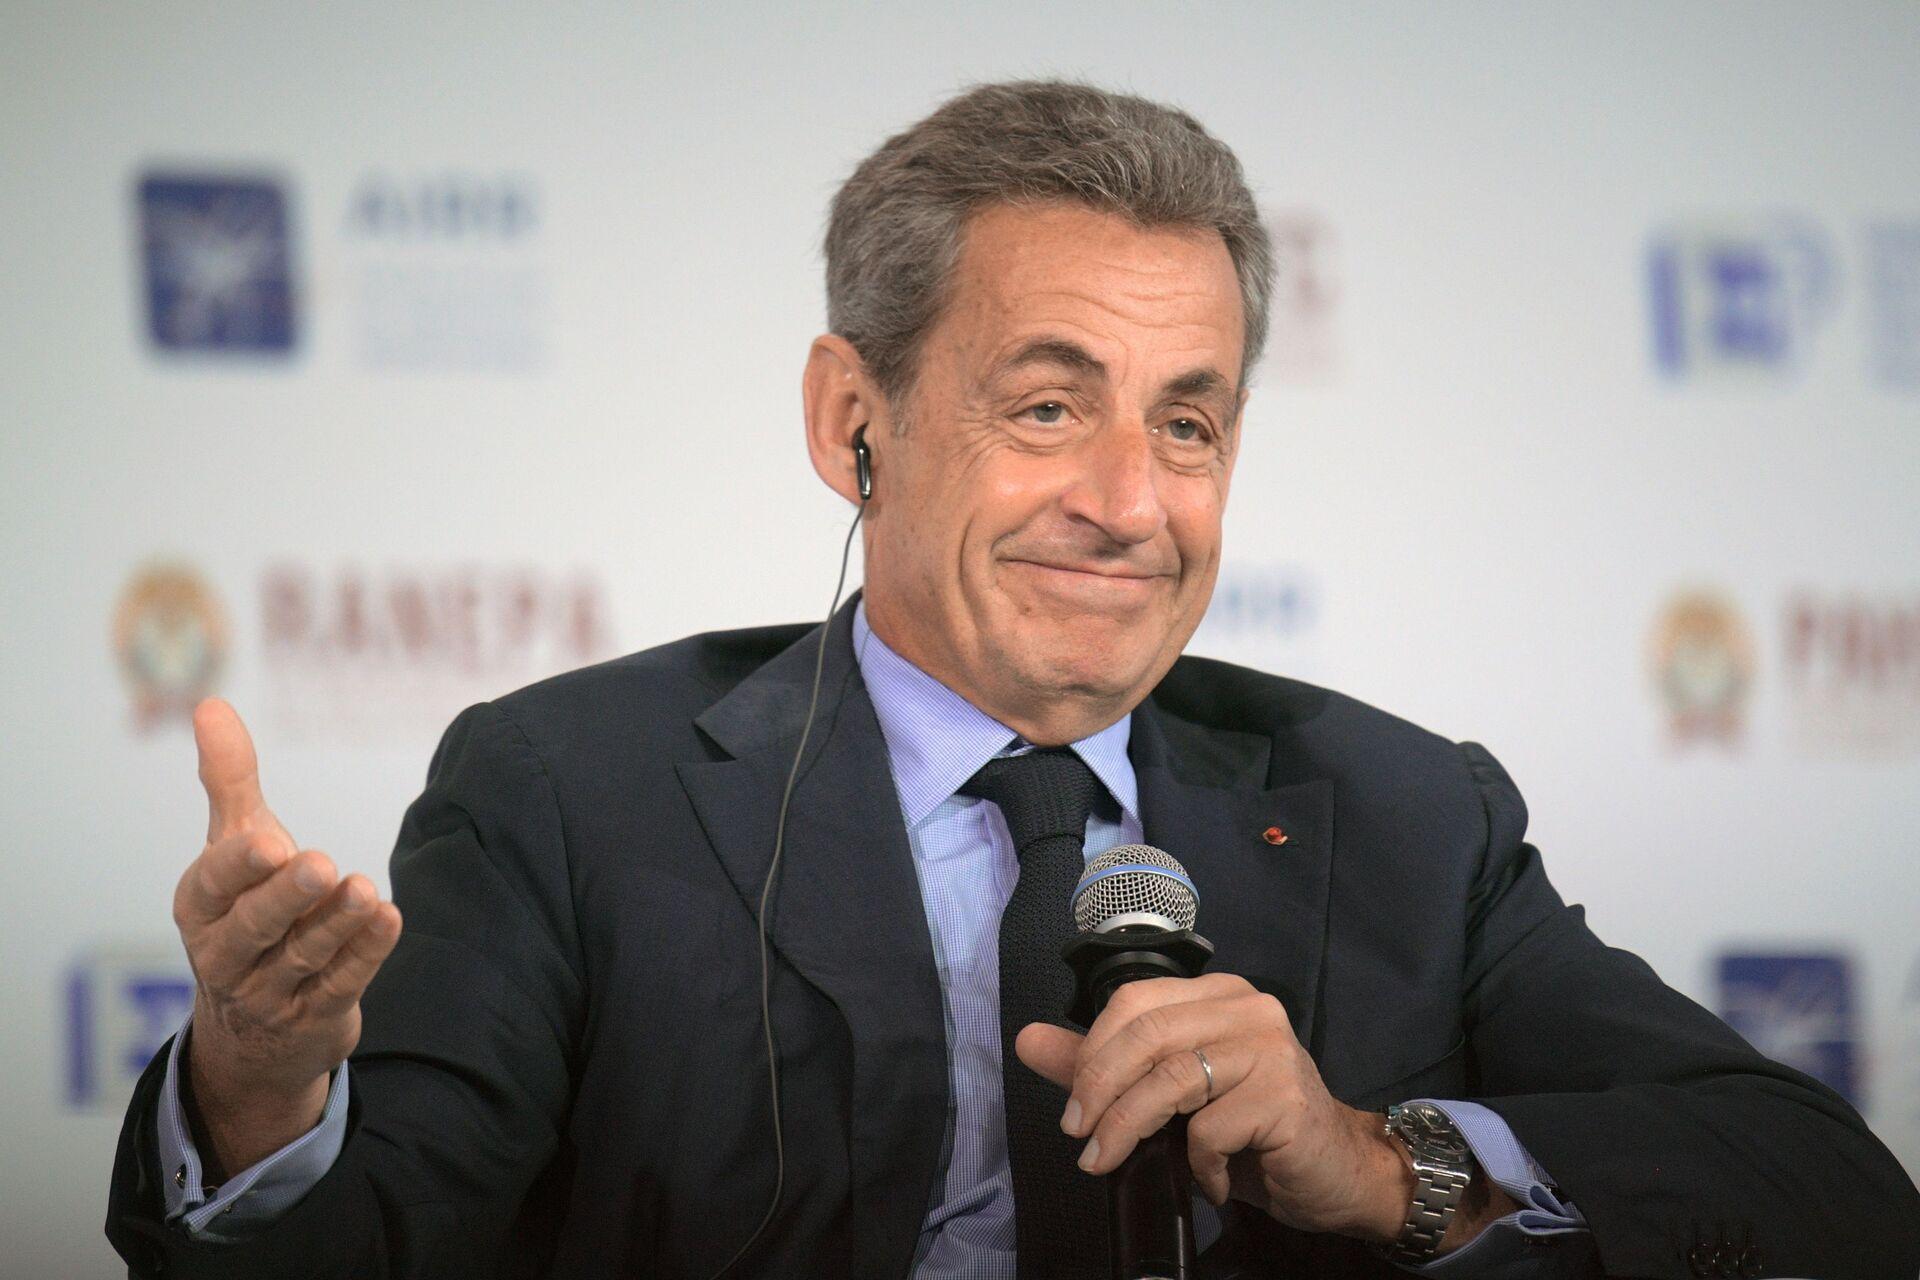 Nicolas Sarkozy condamné à de la prison ferme: la justice a-t-elle usé de «méthodes de voyous»? - Sputnik France, 1920, 01.03.2021